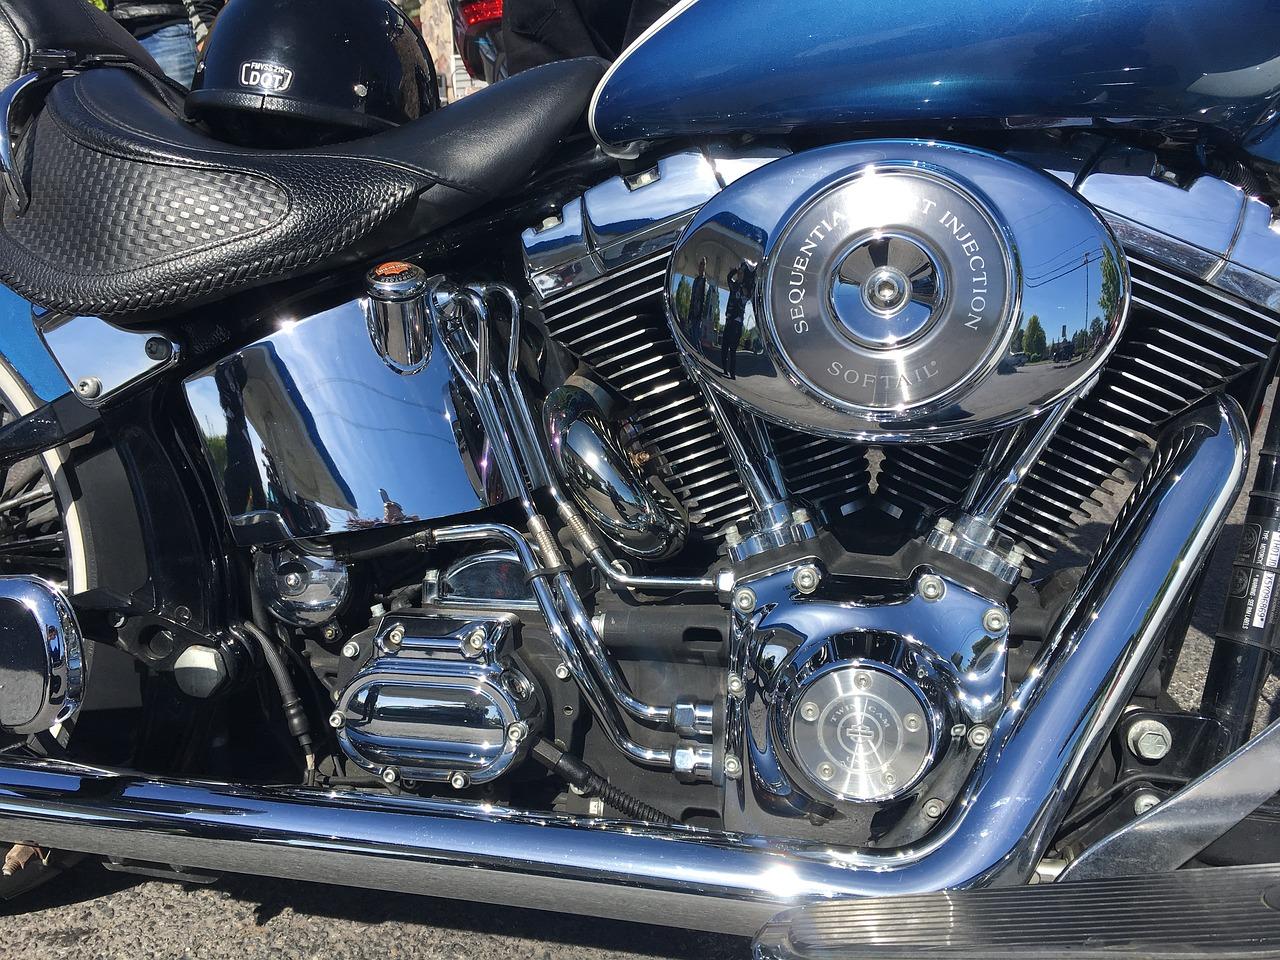 Motorcycle Engine Motor - Free photo on Pixabay